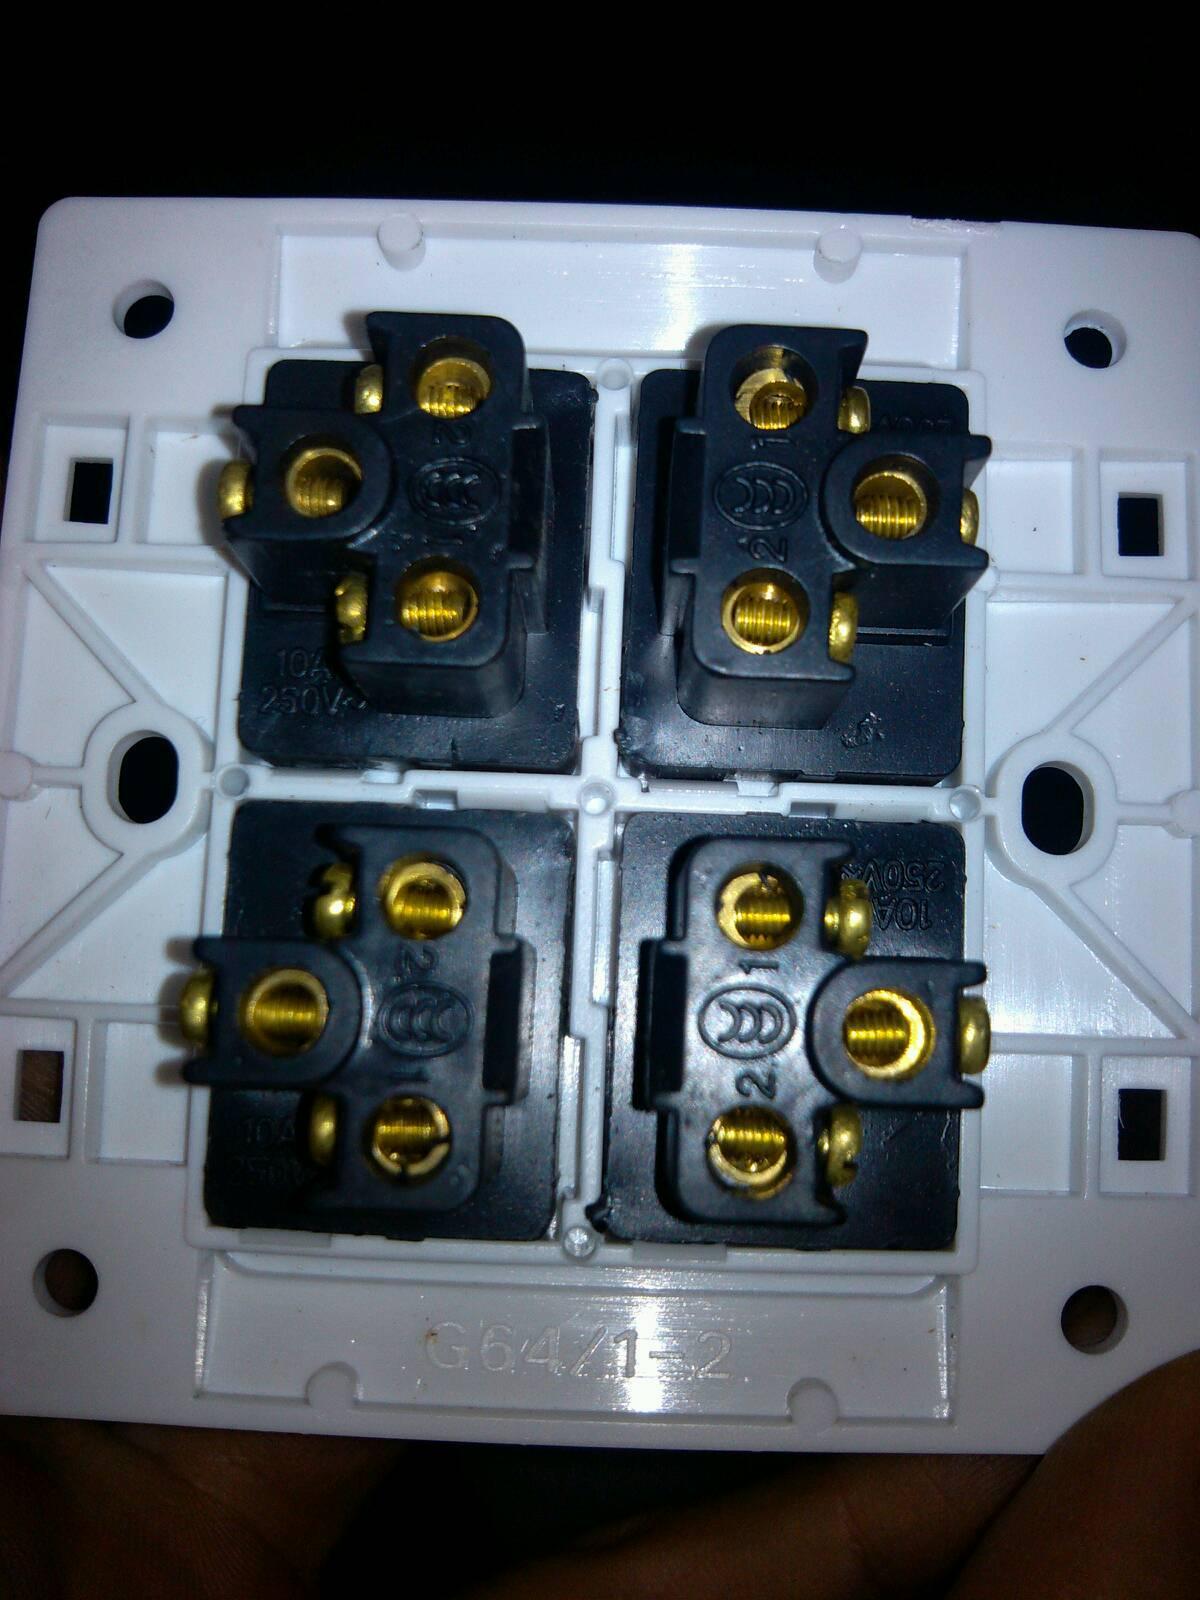 四个开关分别控制四个不同的电灯,麻烦给个接线图说明